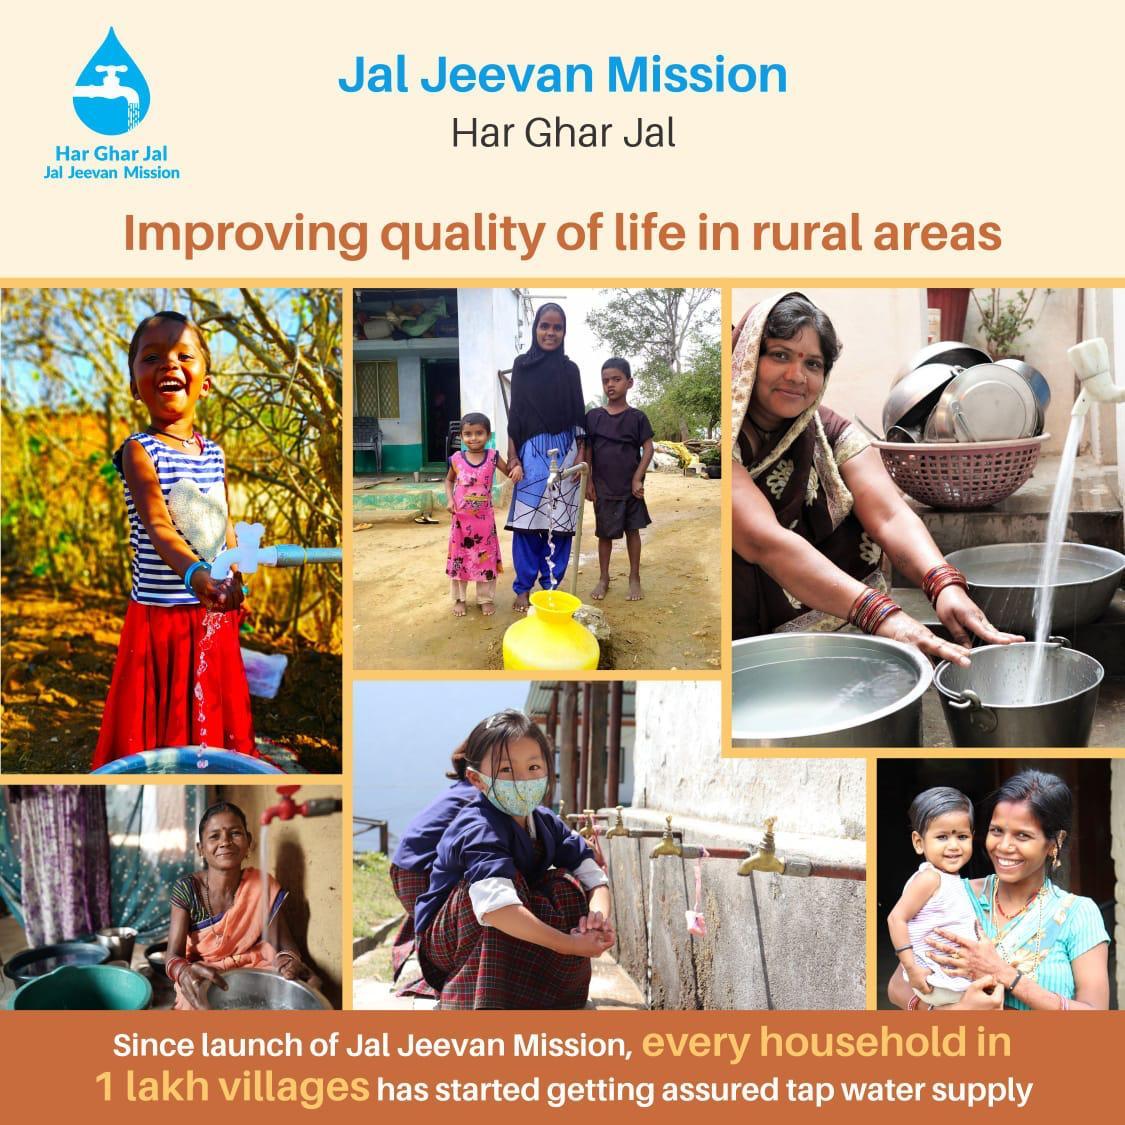 देश के एक लाख गांवों और 50 हजार ग्राम पंचायतों में 'हर घर जल' का लक्ष्य हासिल हुआ